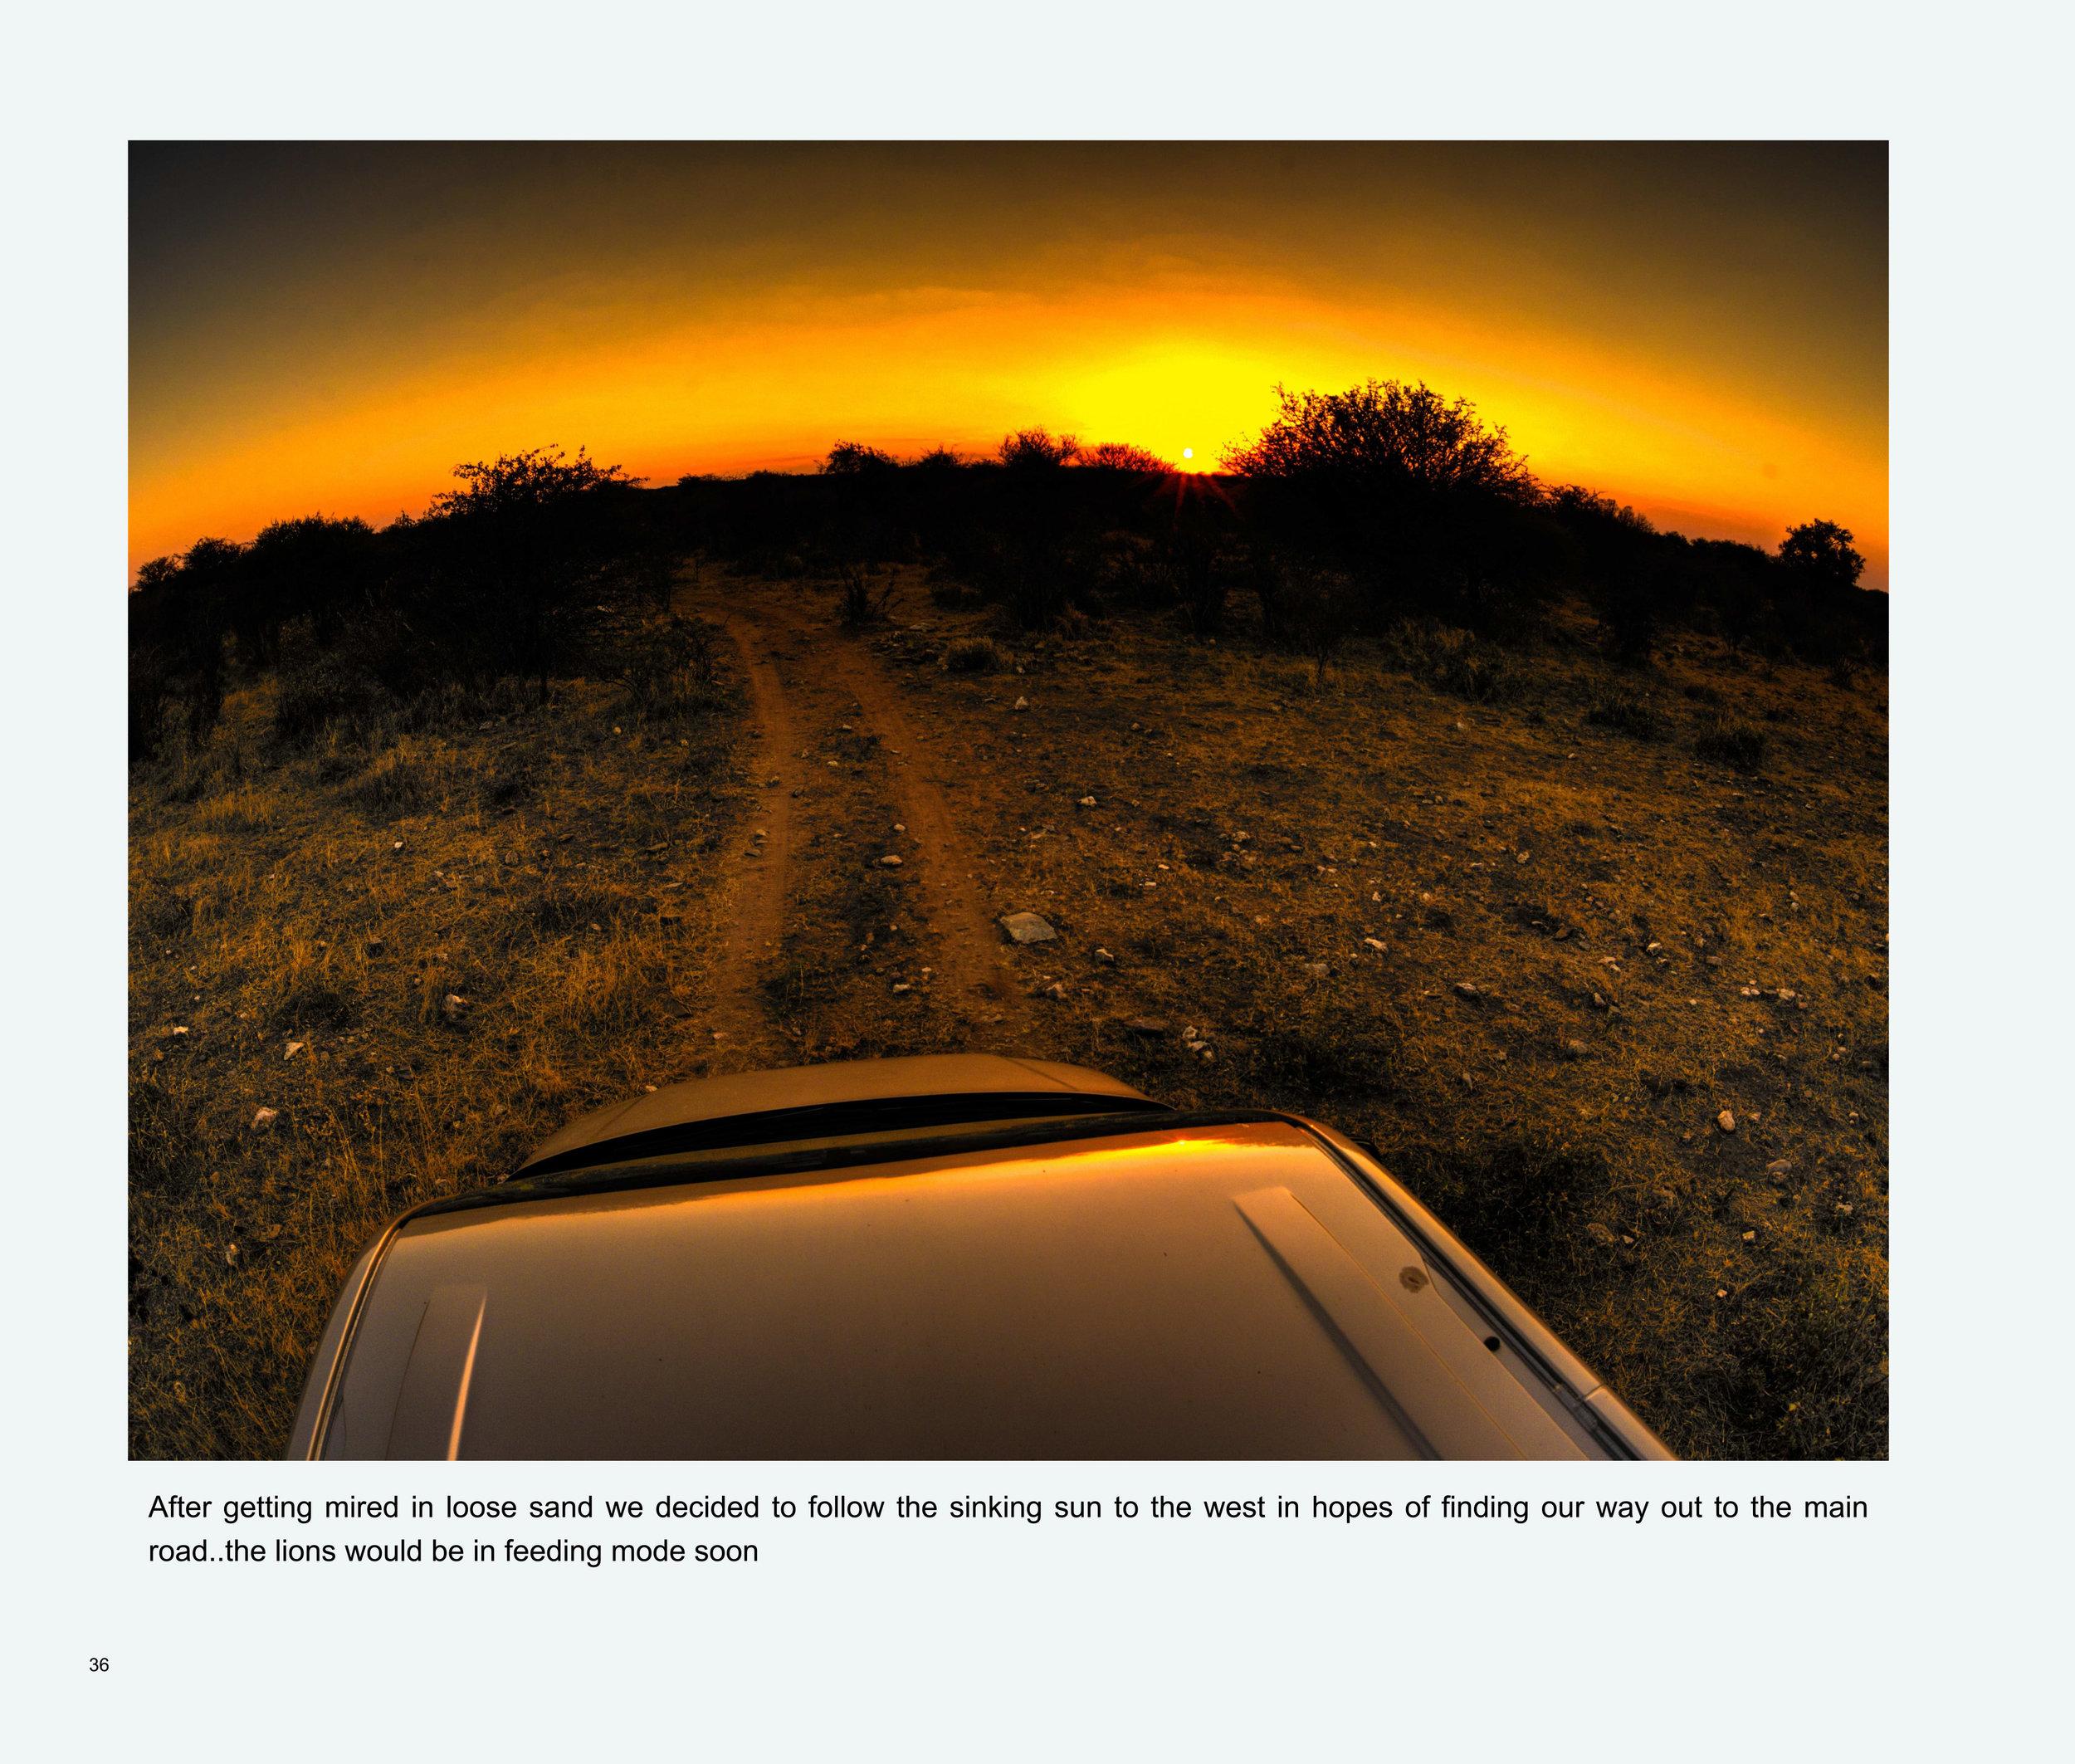 ImagesASouthernAfricaRoadTrip-38.jpg